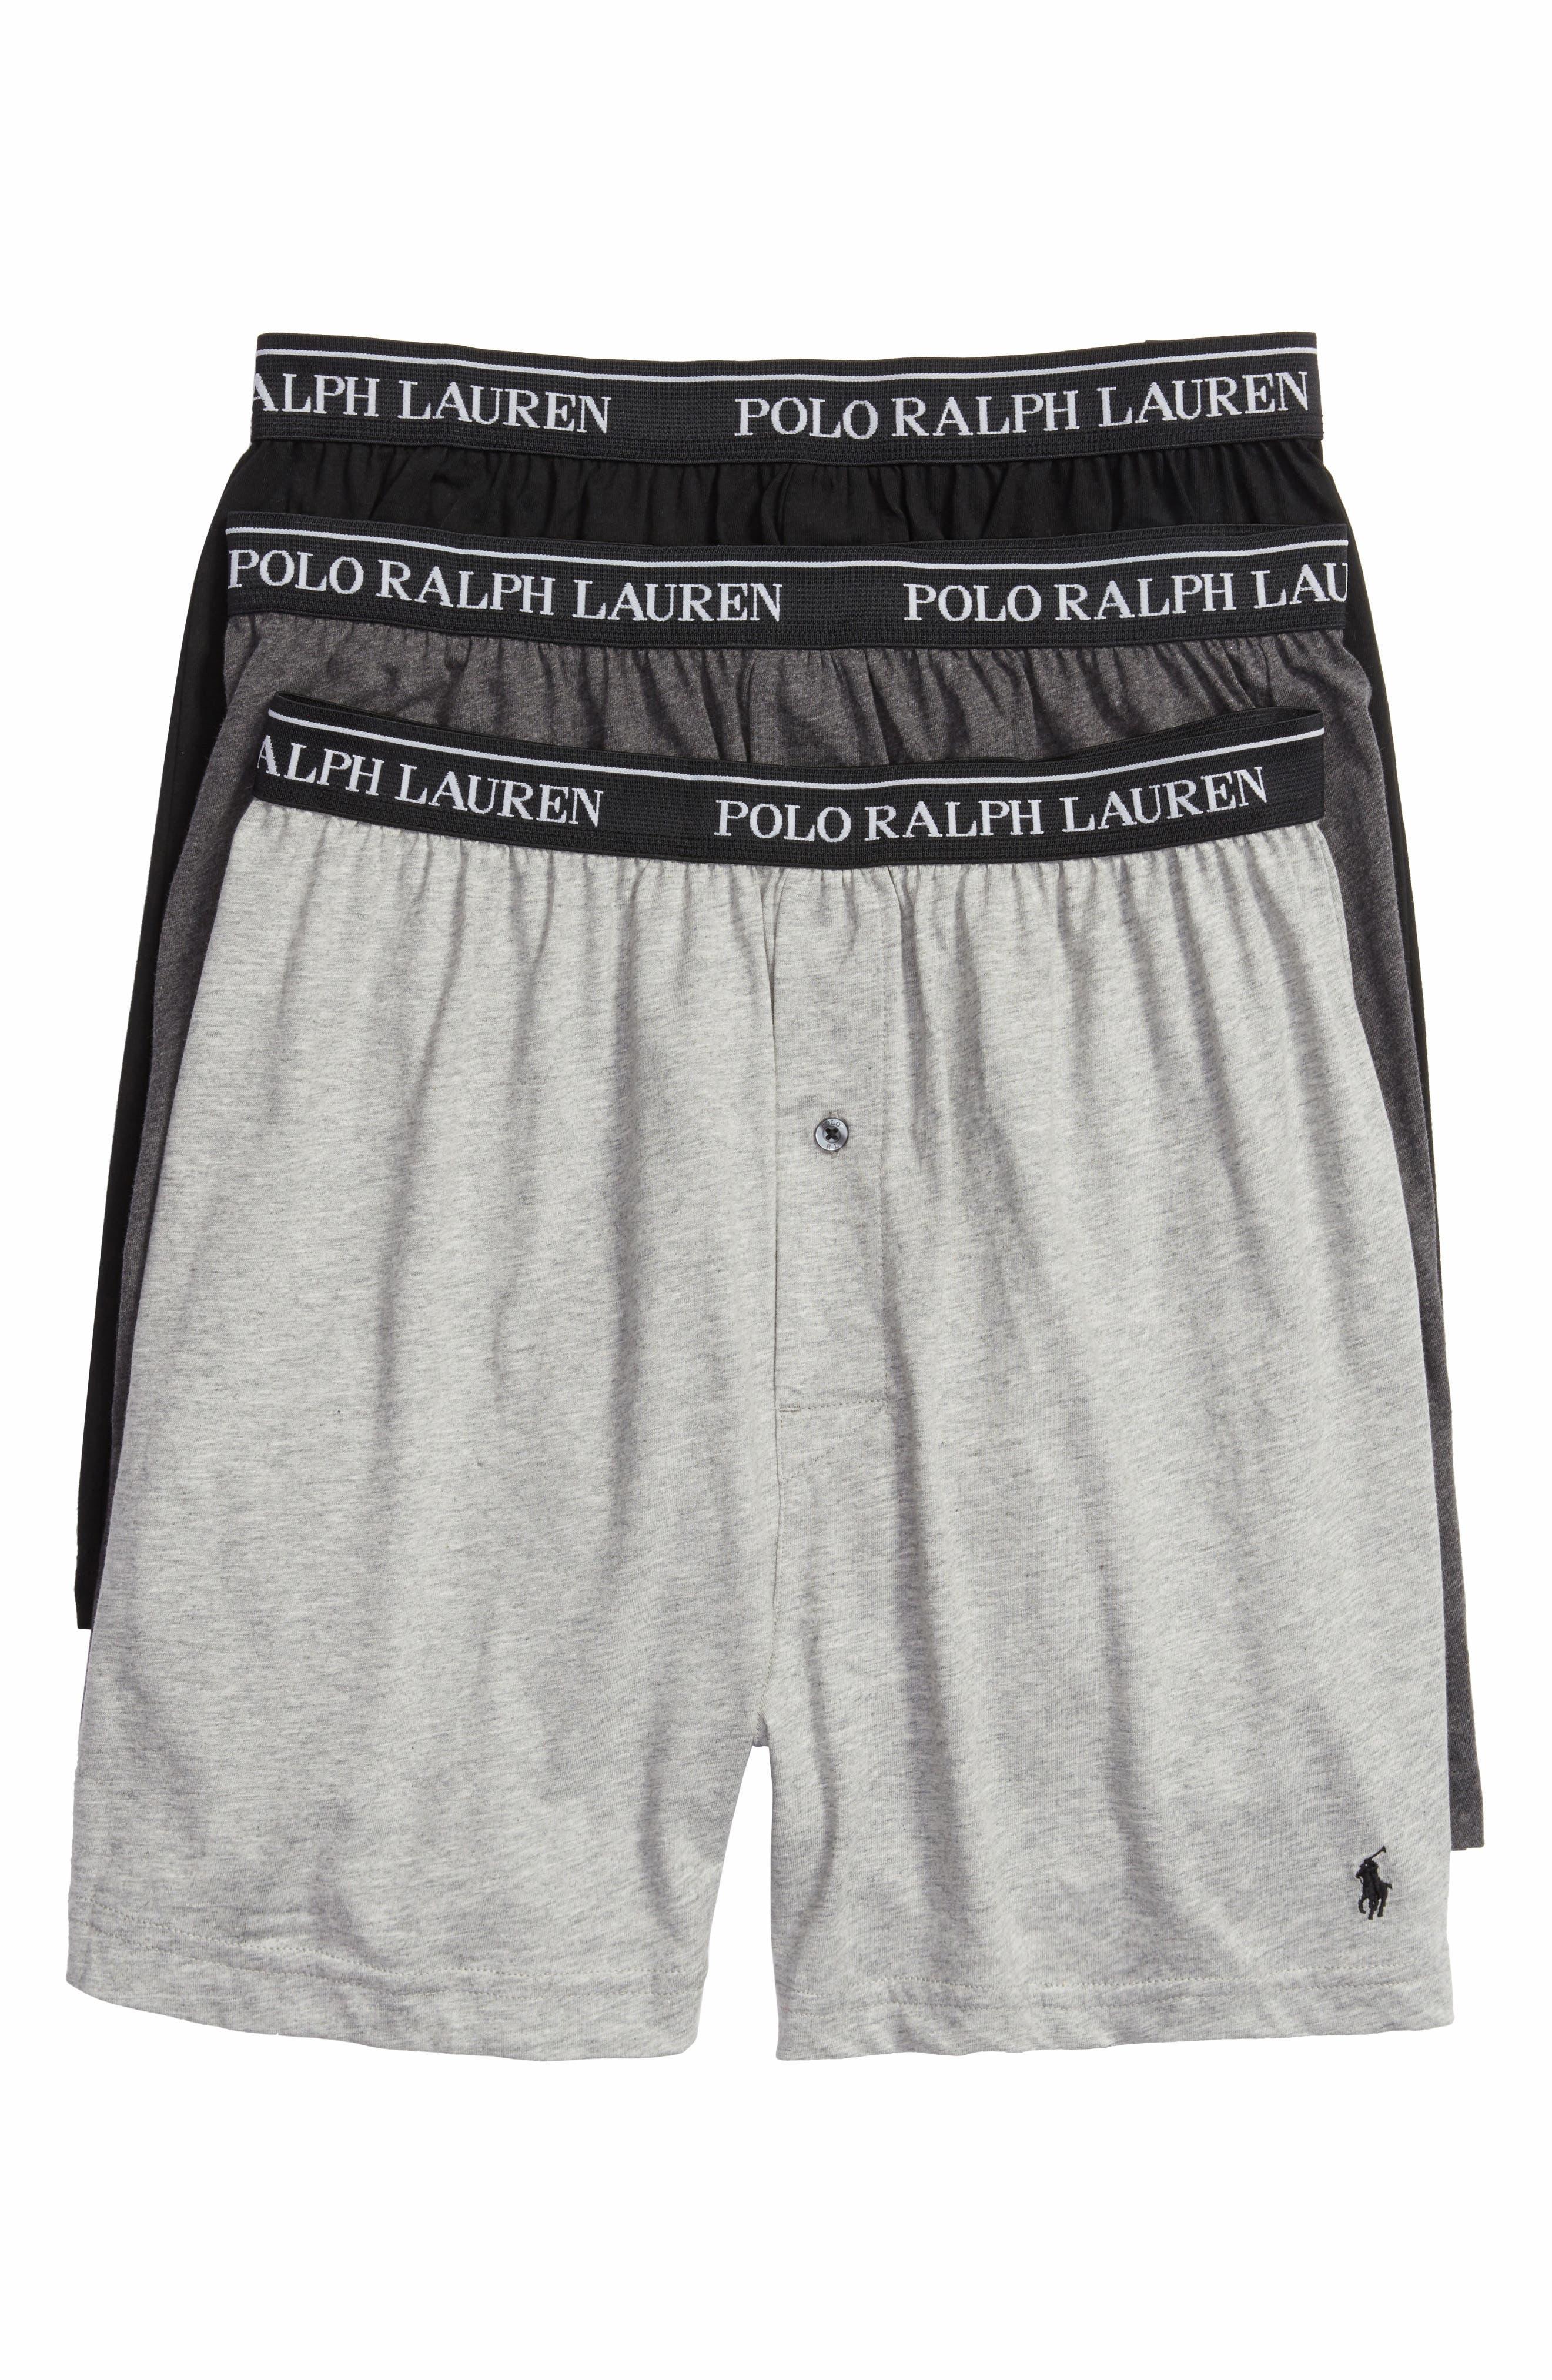 BoxersNordstrom Men's UnderwearSocksamp; Ralph Lauren Polo CQdEerWxBo